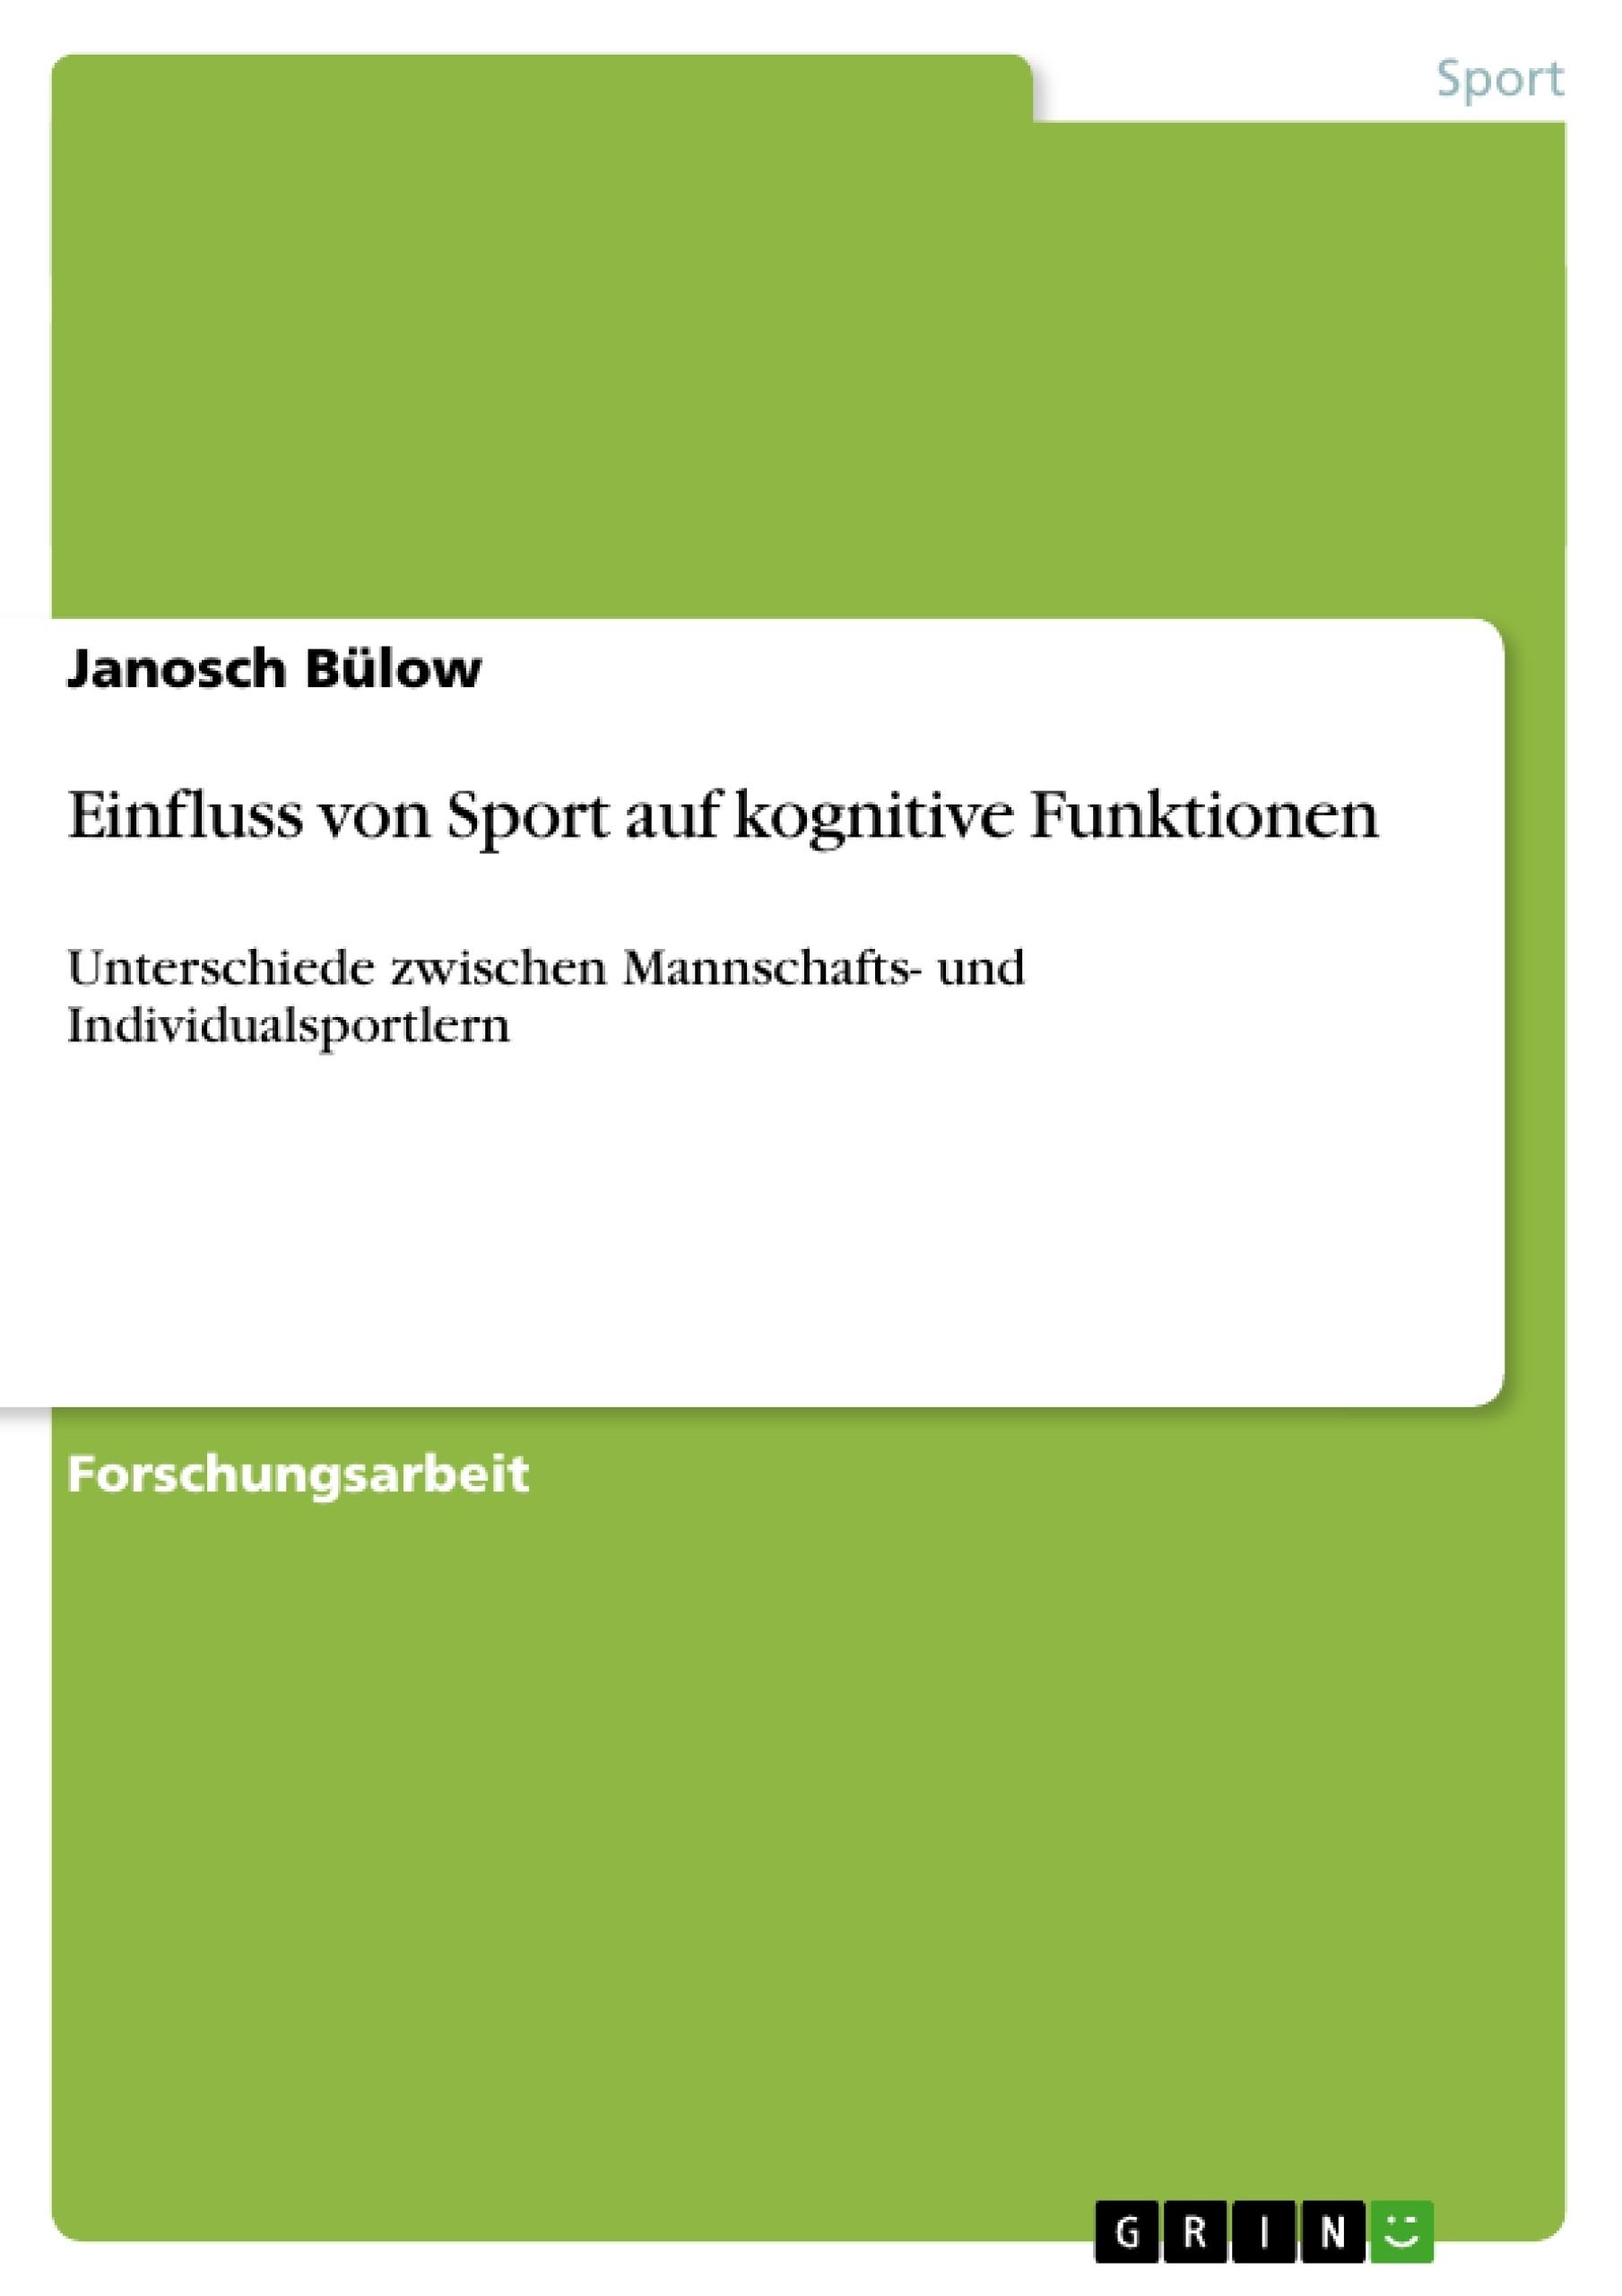 Titel: Einfluss von Sport auf kognitive Funktionen